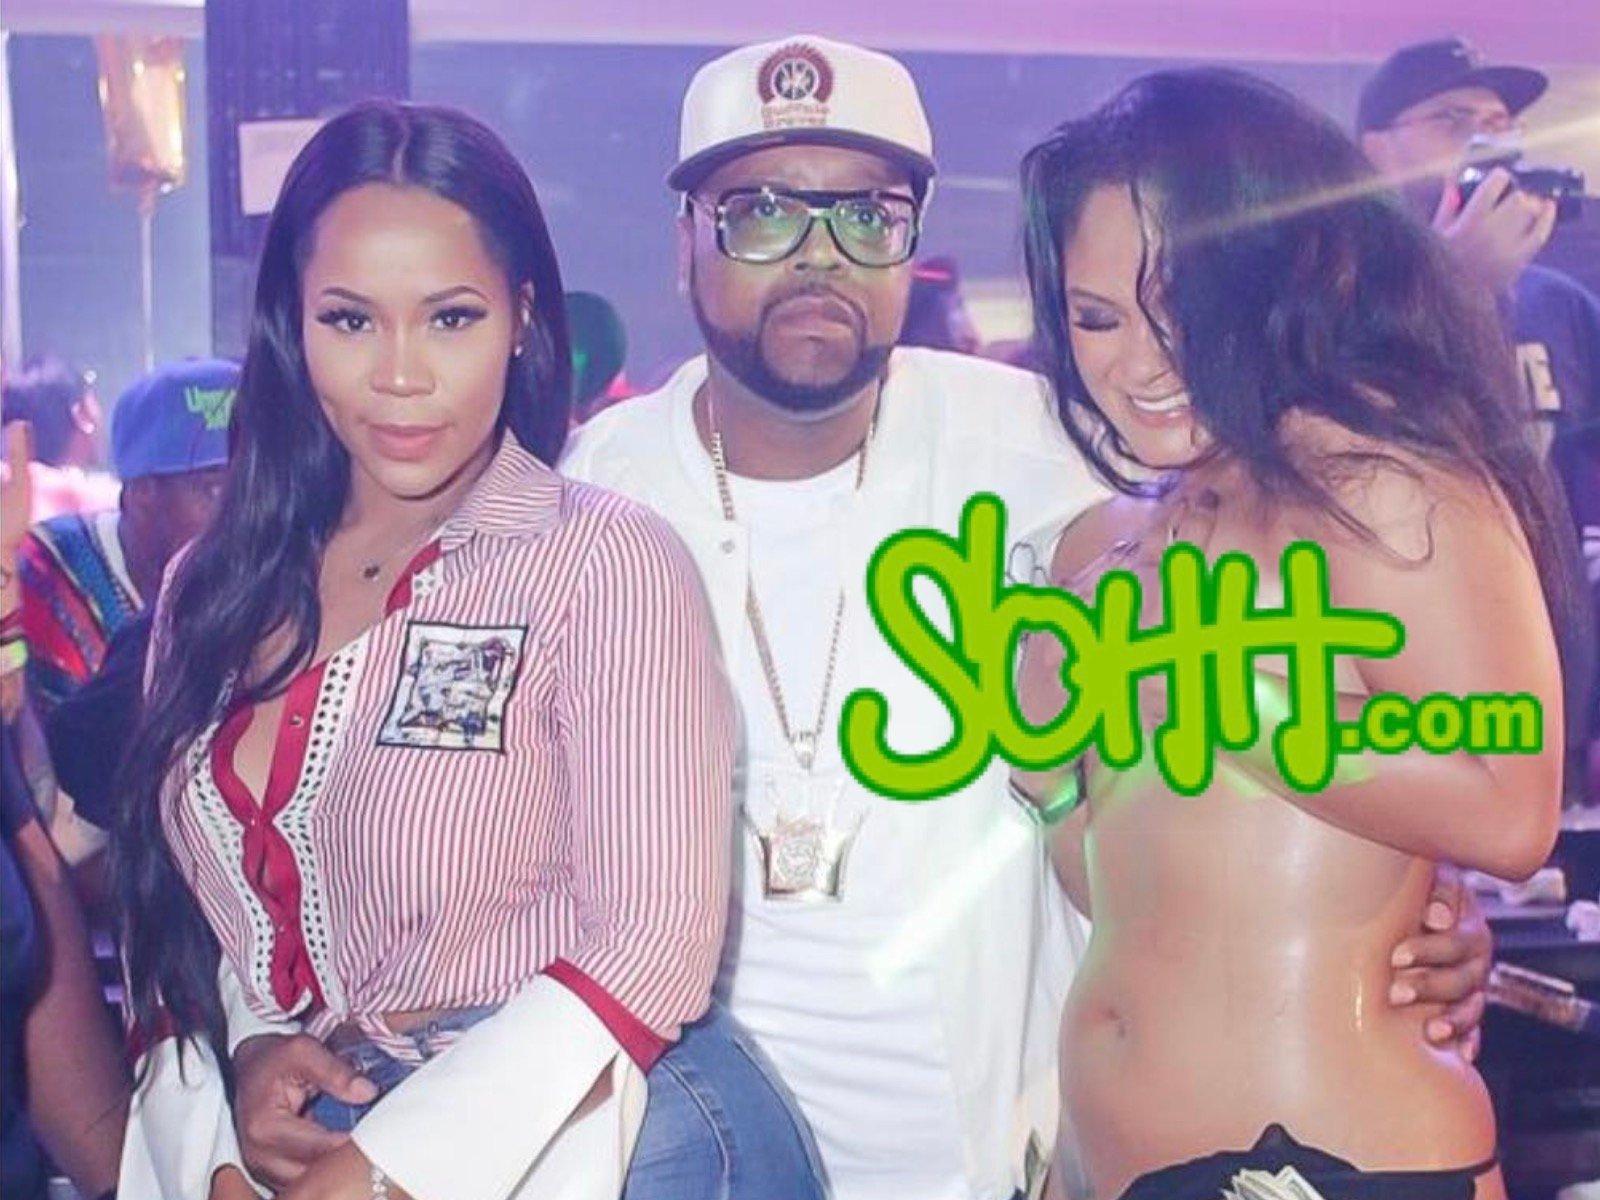 Deelishis DJ Kay Slay Maliah Michel